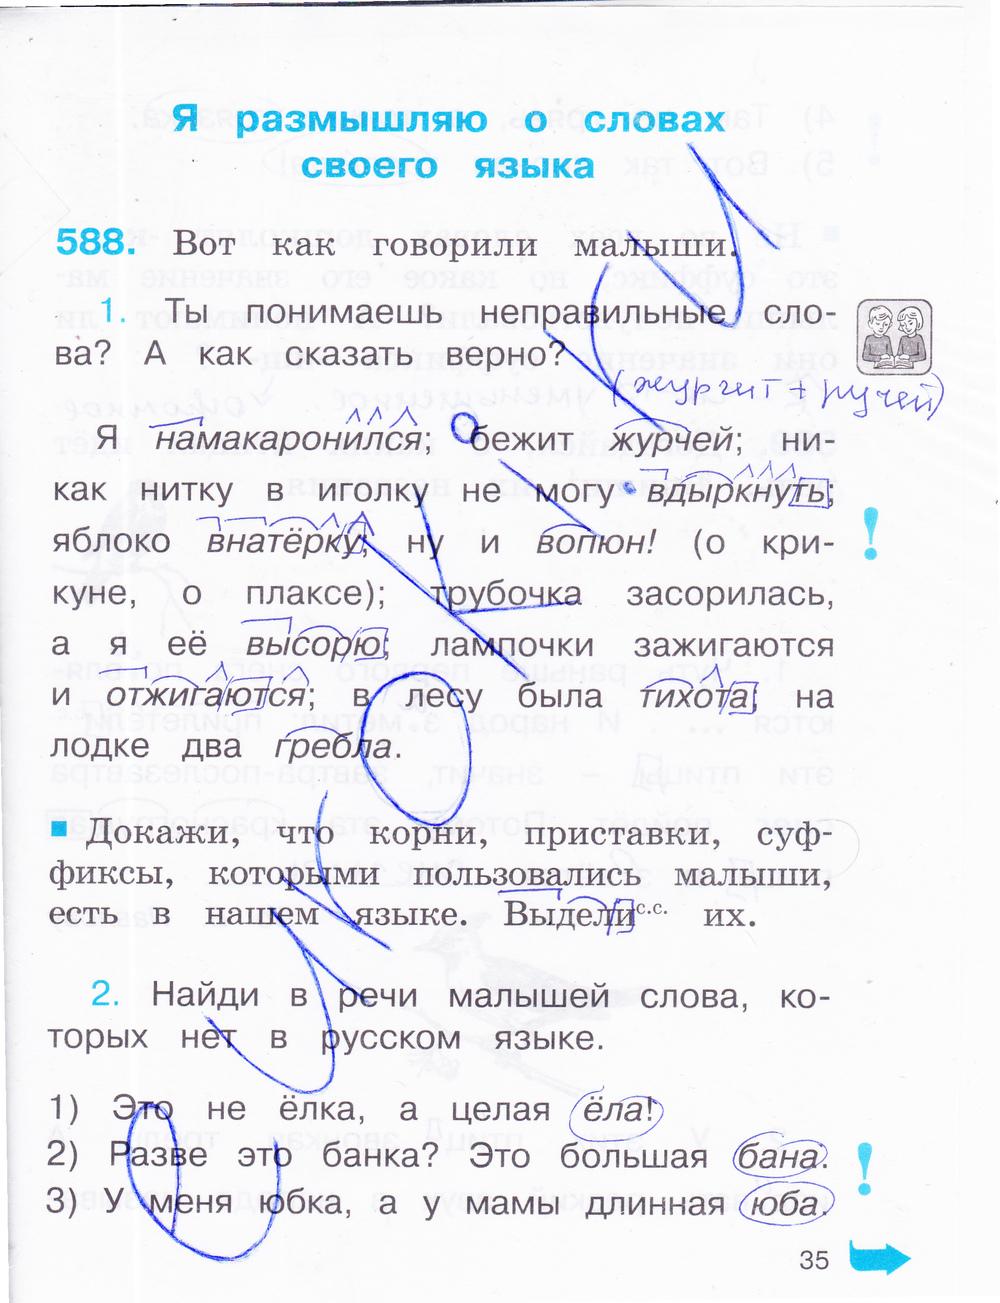 Русский соловейчик 2 класс гдз